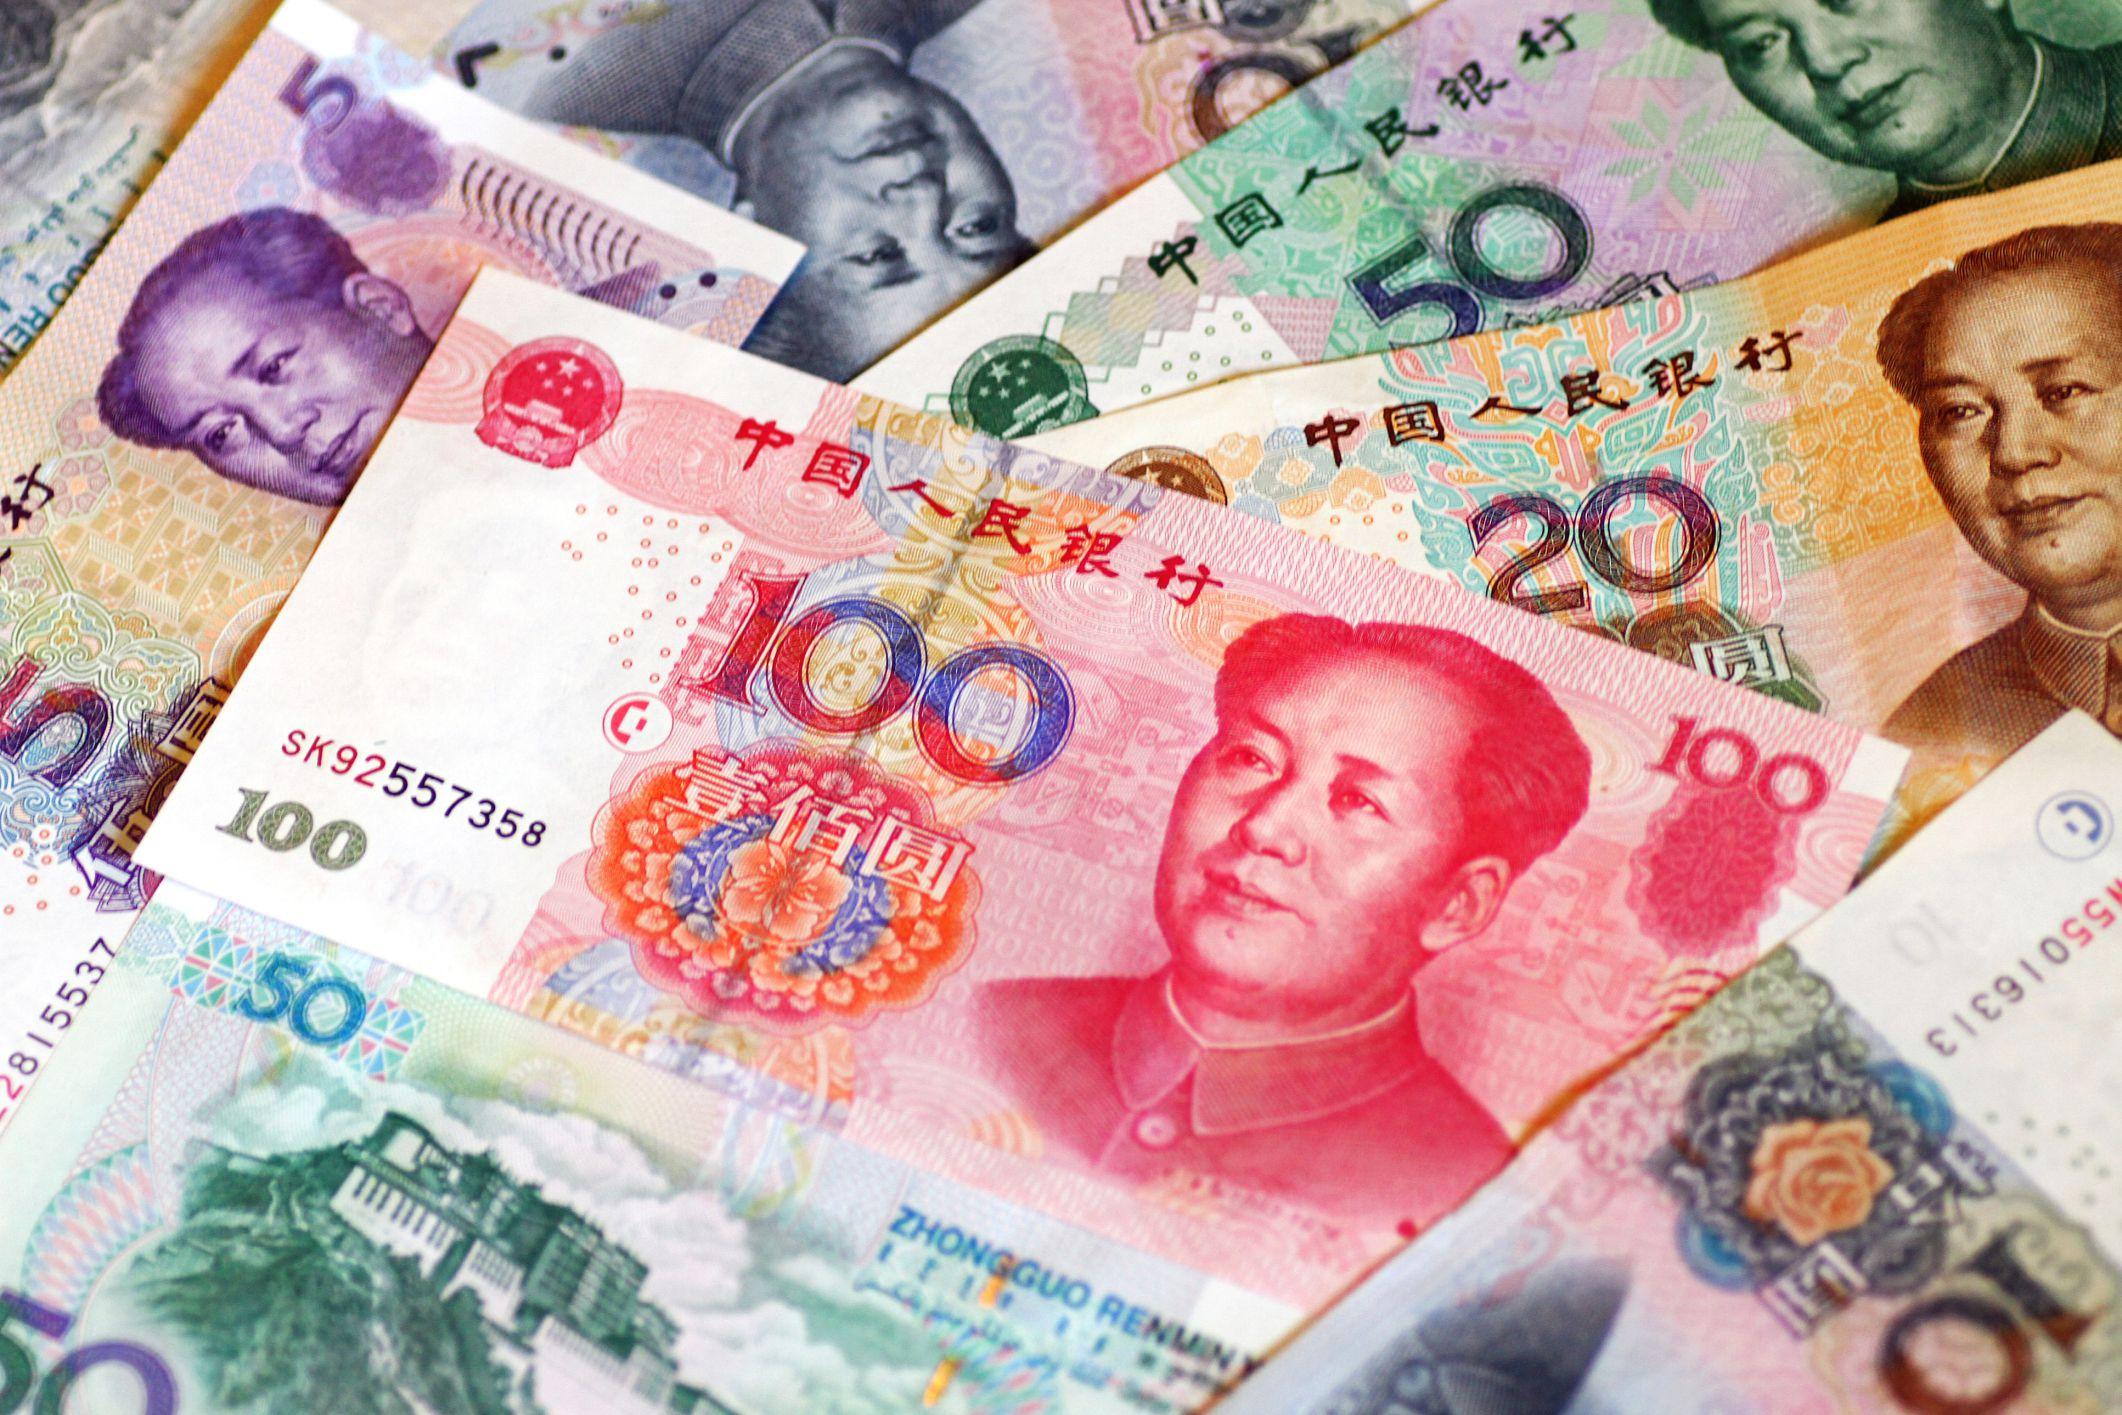 【快讯】人民币暴跌!中美贸易战火升级,澳元澳股连带受挫!